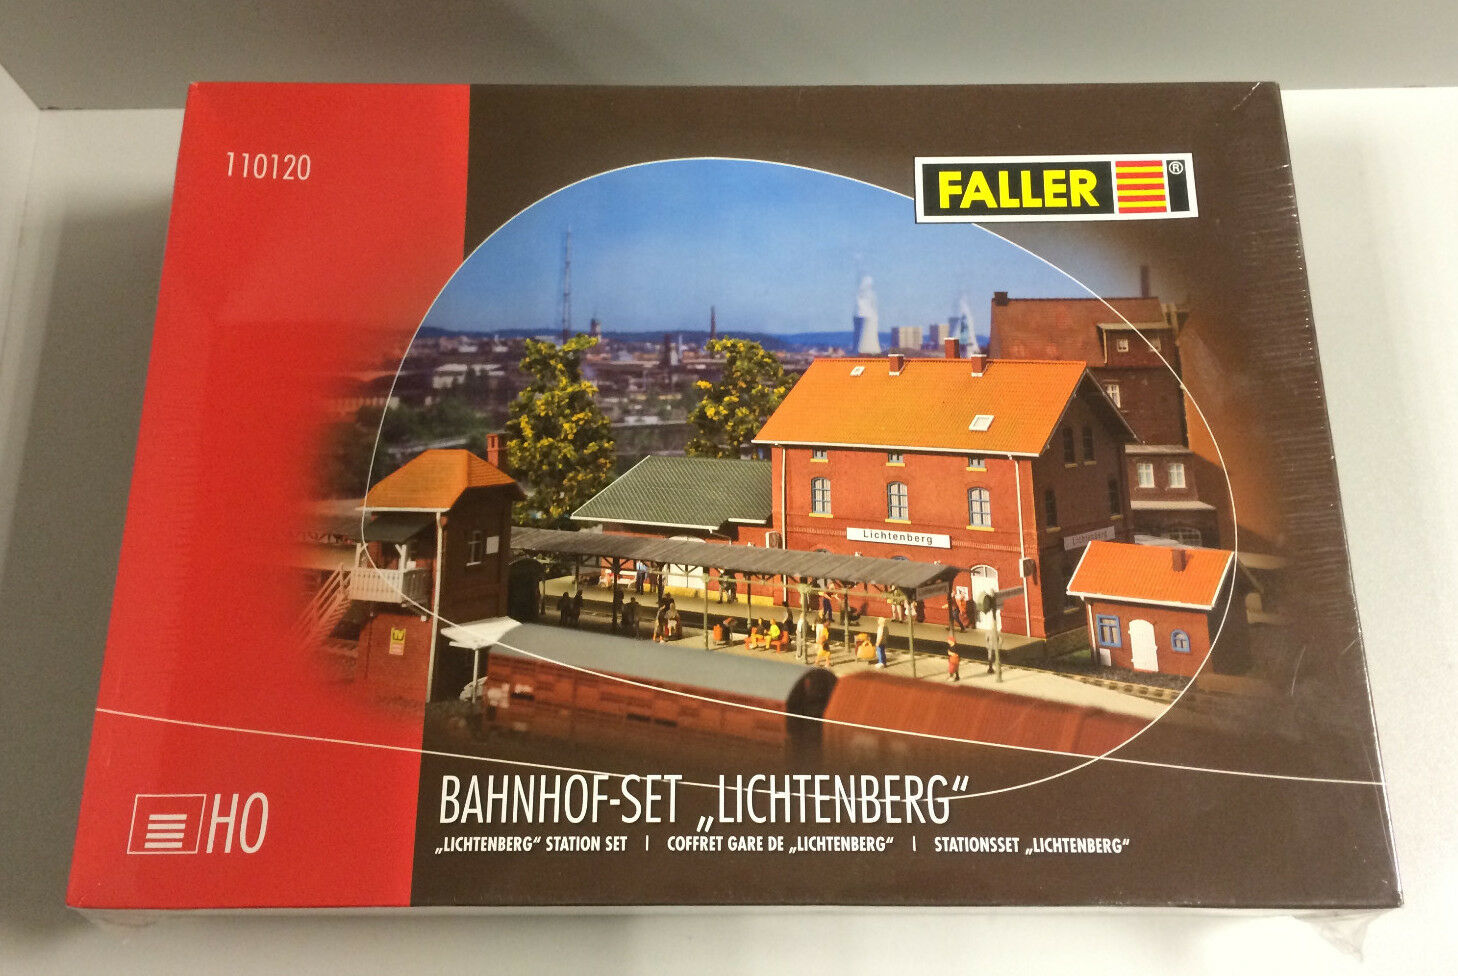 Faller 110120, h0, STAZIONE FERROVIARIA-Set Lichtenberg, KIT NUOVO IN SCATOLA ORIGINALE